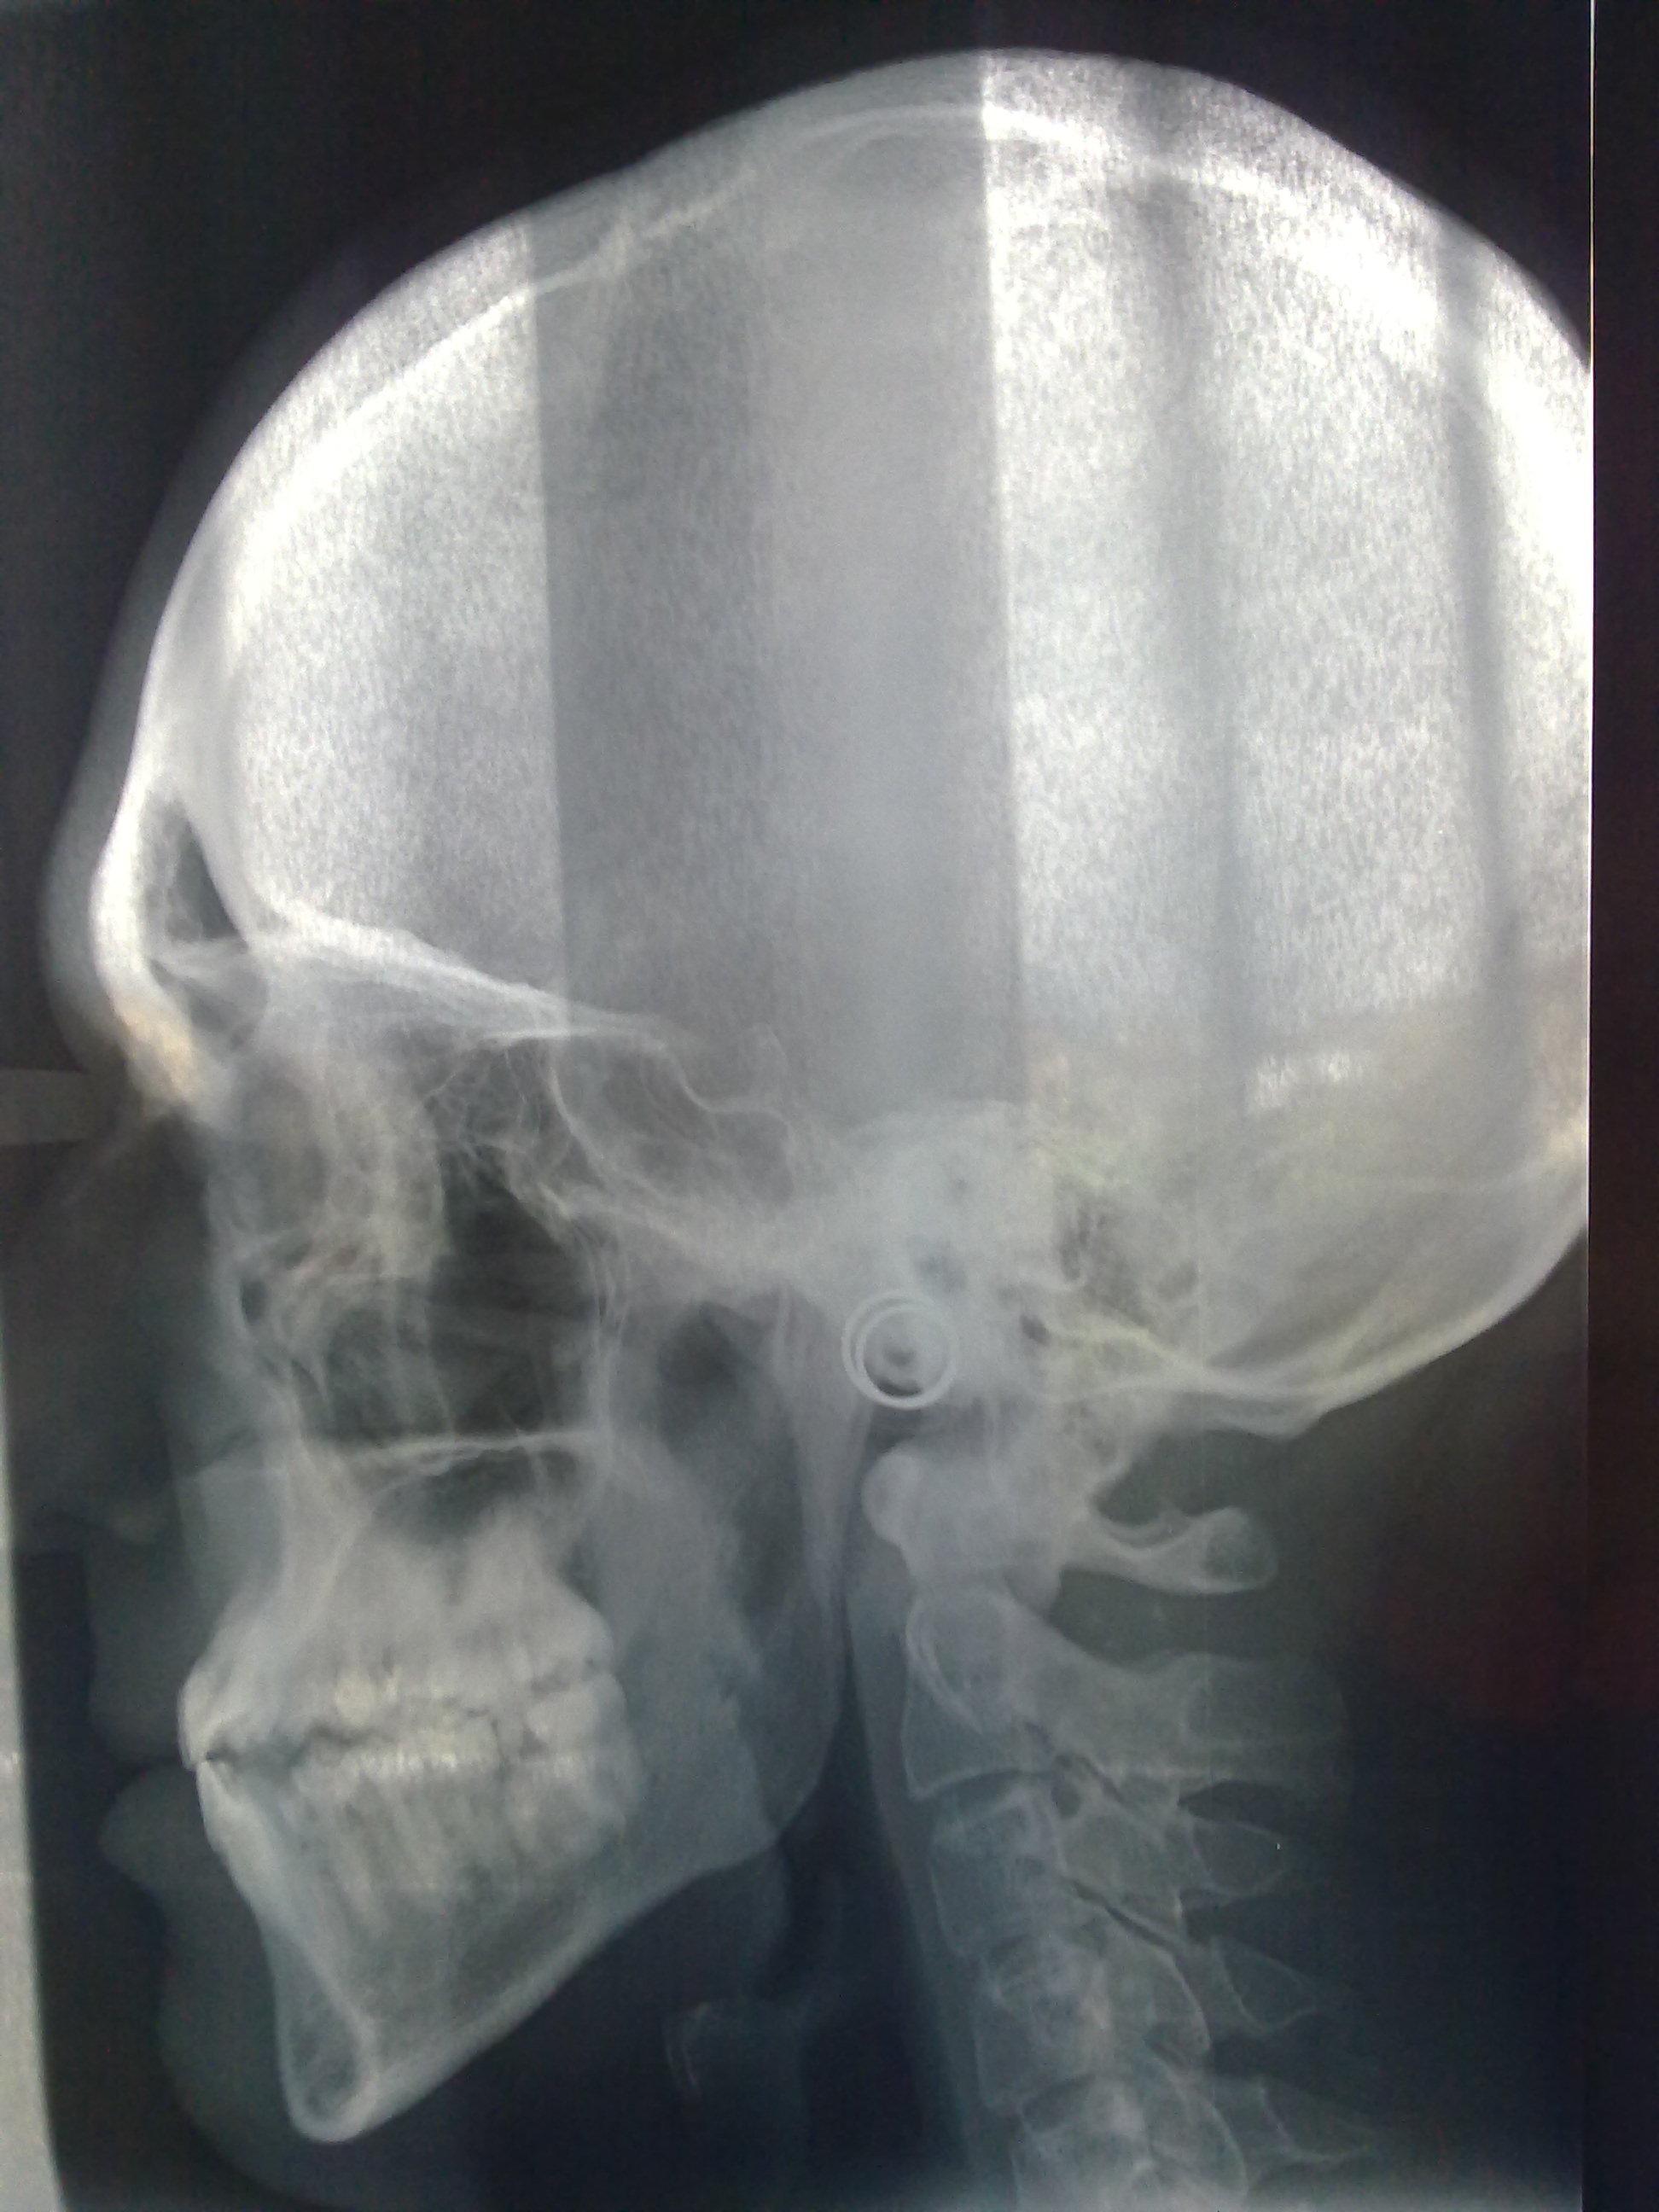 Ho seguito una cura ortodontica - durata ben 7 anni, ma....